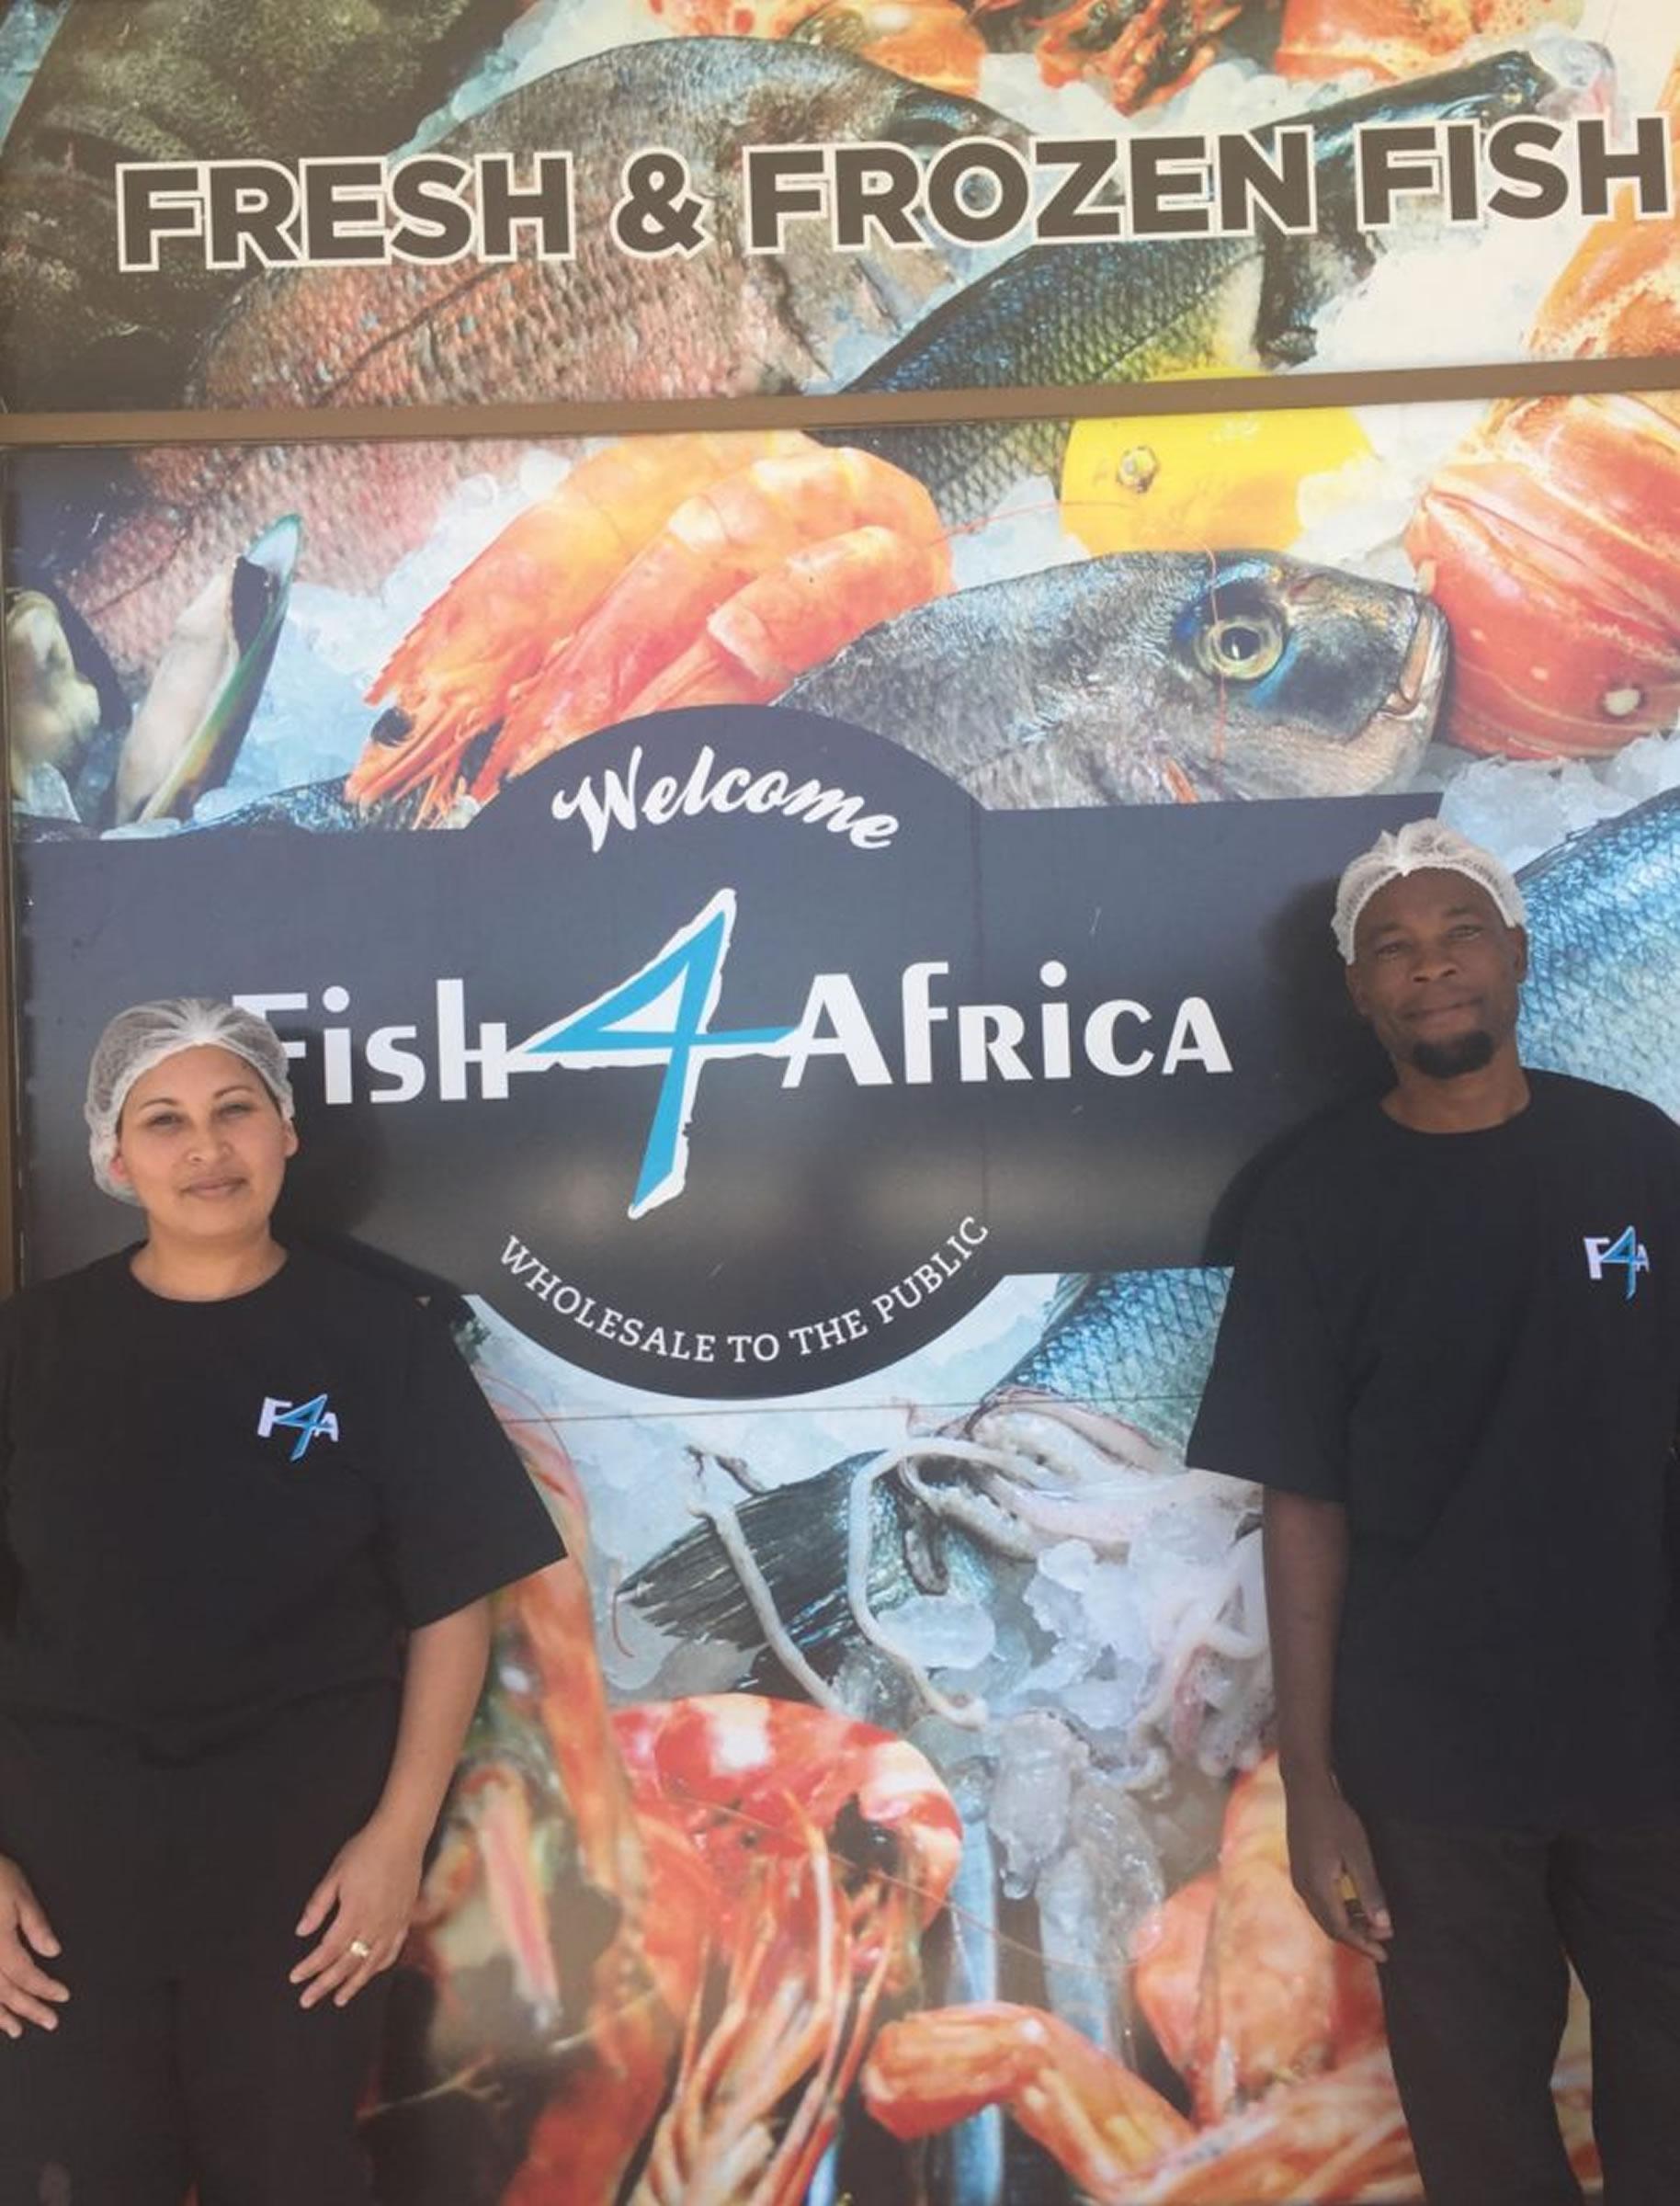 Fish4Africa